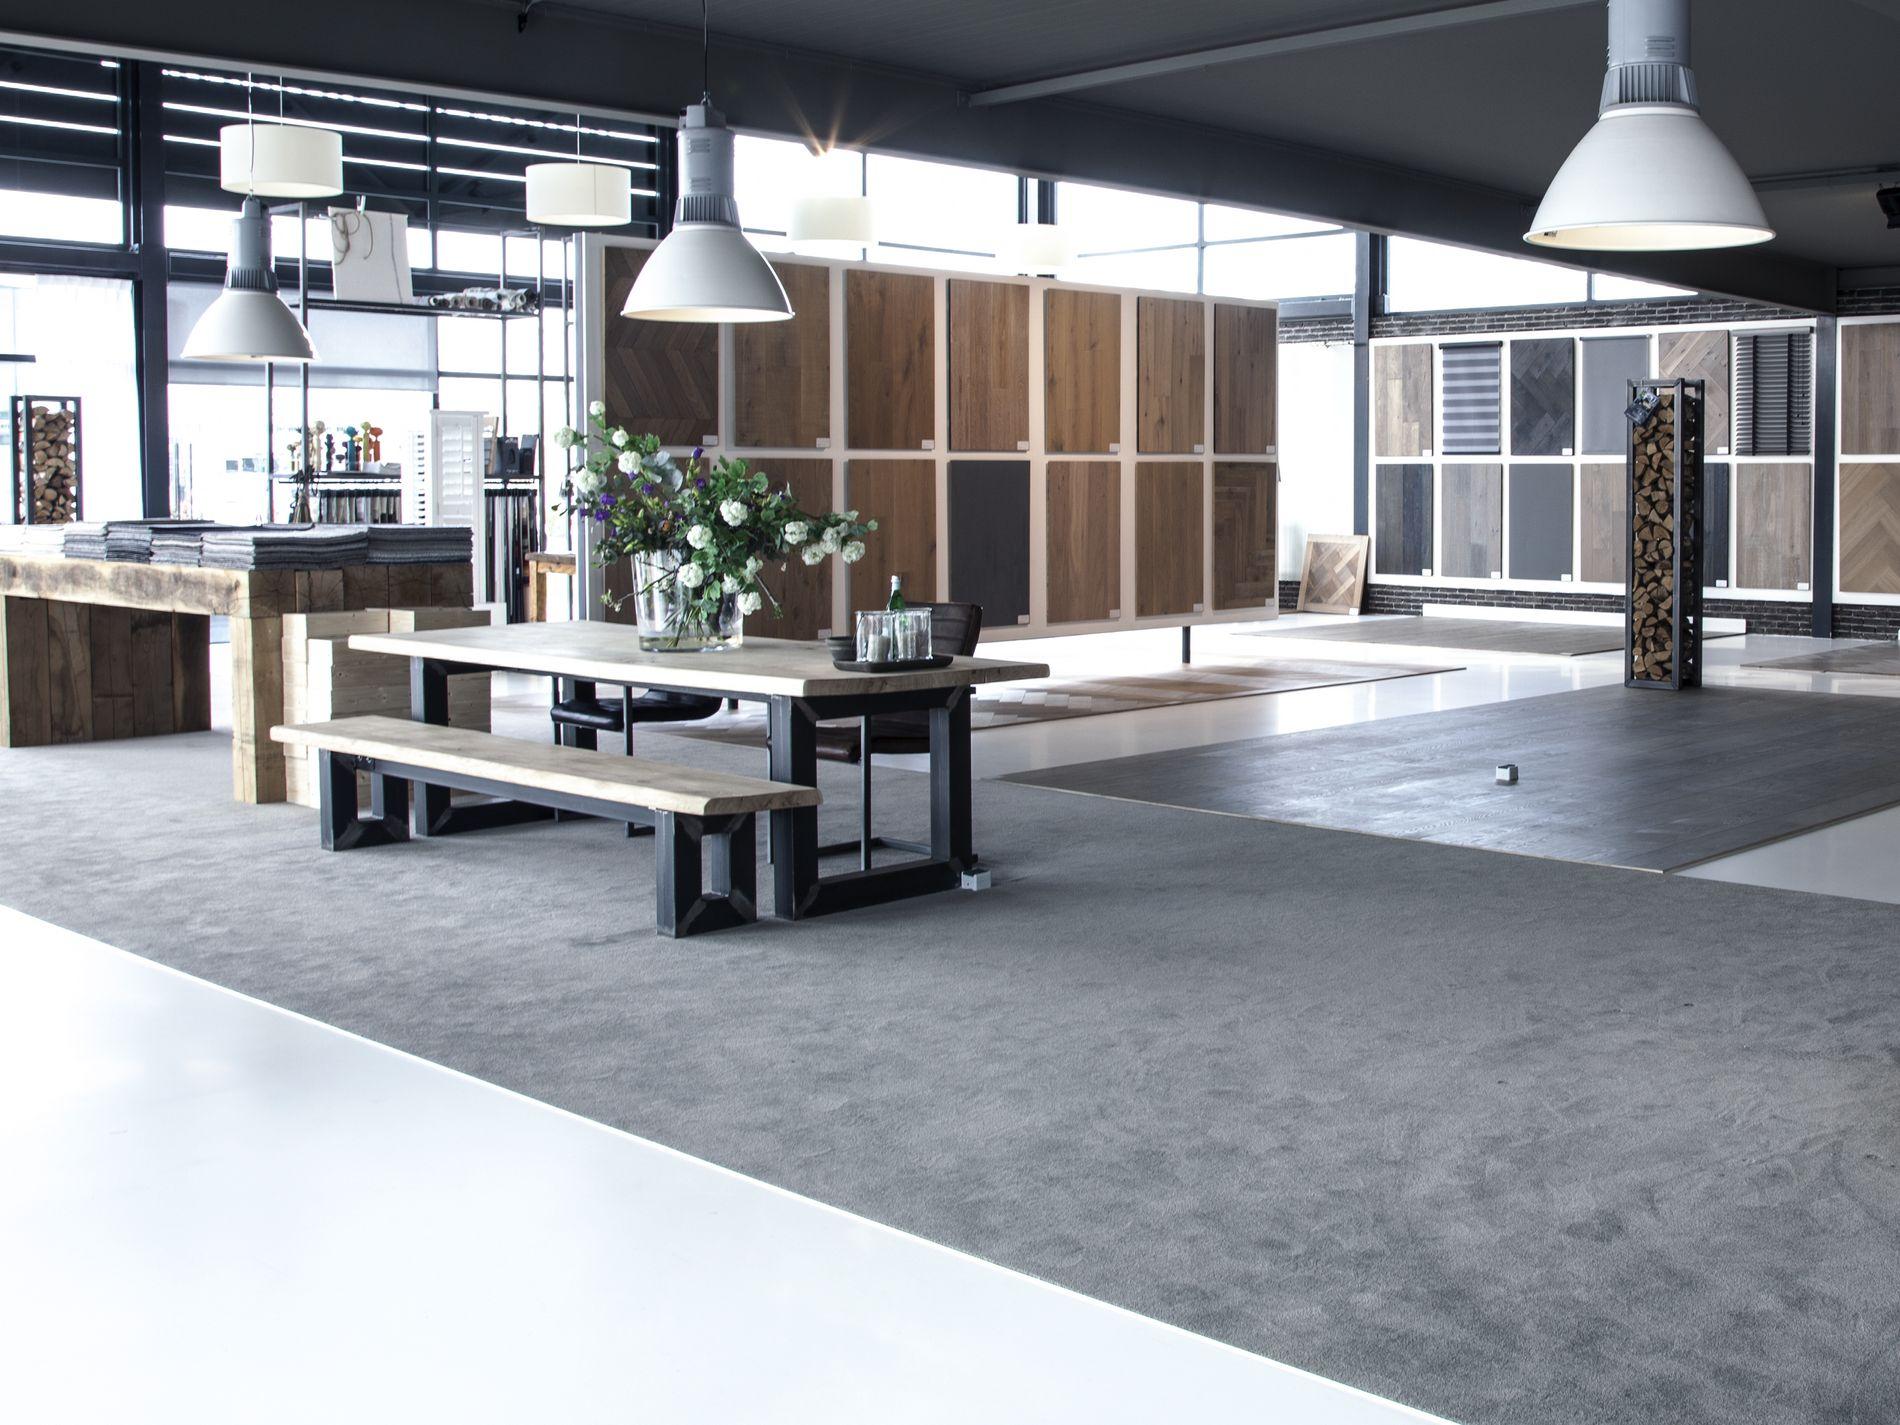 Witte Marmoleum Vloer : Martijn de wit vloeren b v schagen ibs industrie en